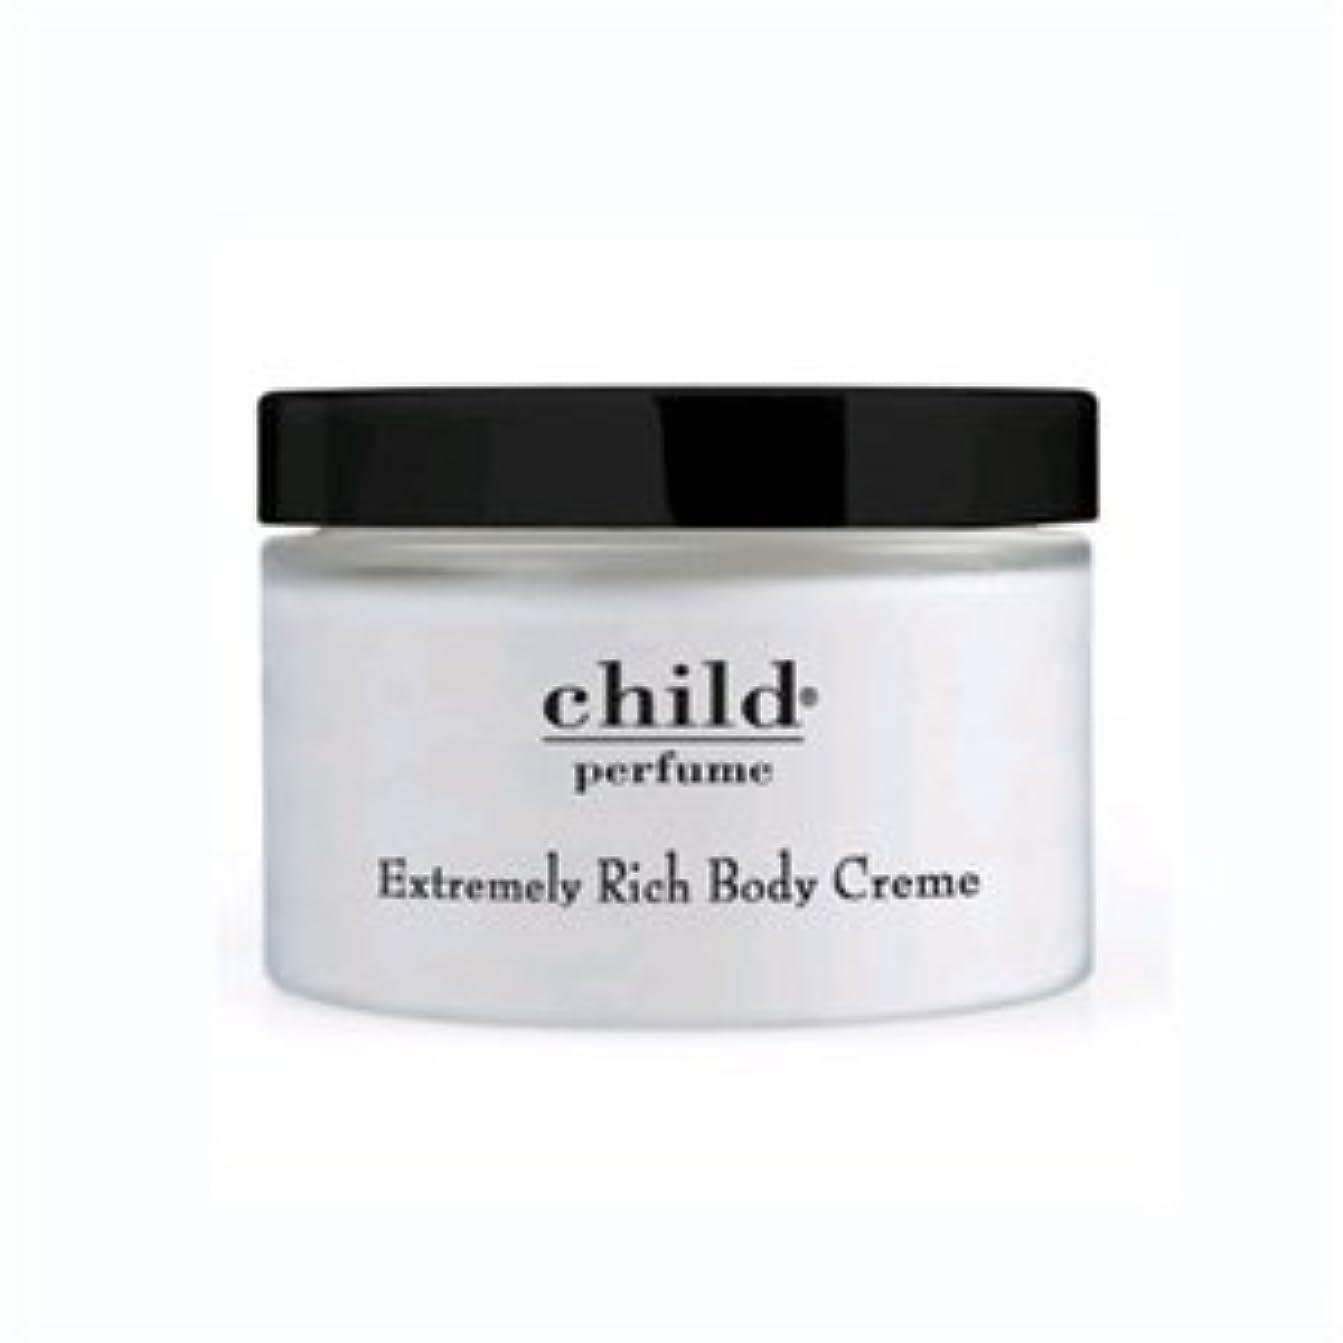 ホイップピース方法論Child Extremely Rich Body Creme (チャイルド エクストリームリーリッチ ボディークリーム) 8.0 oz (240ml) by Child for Women